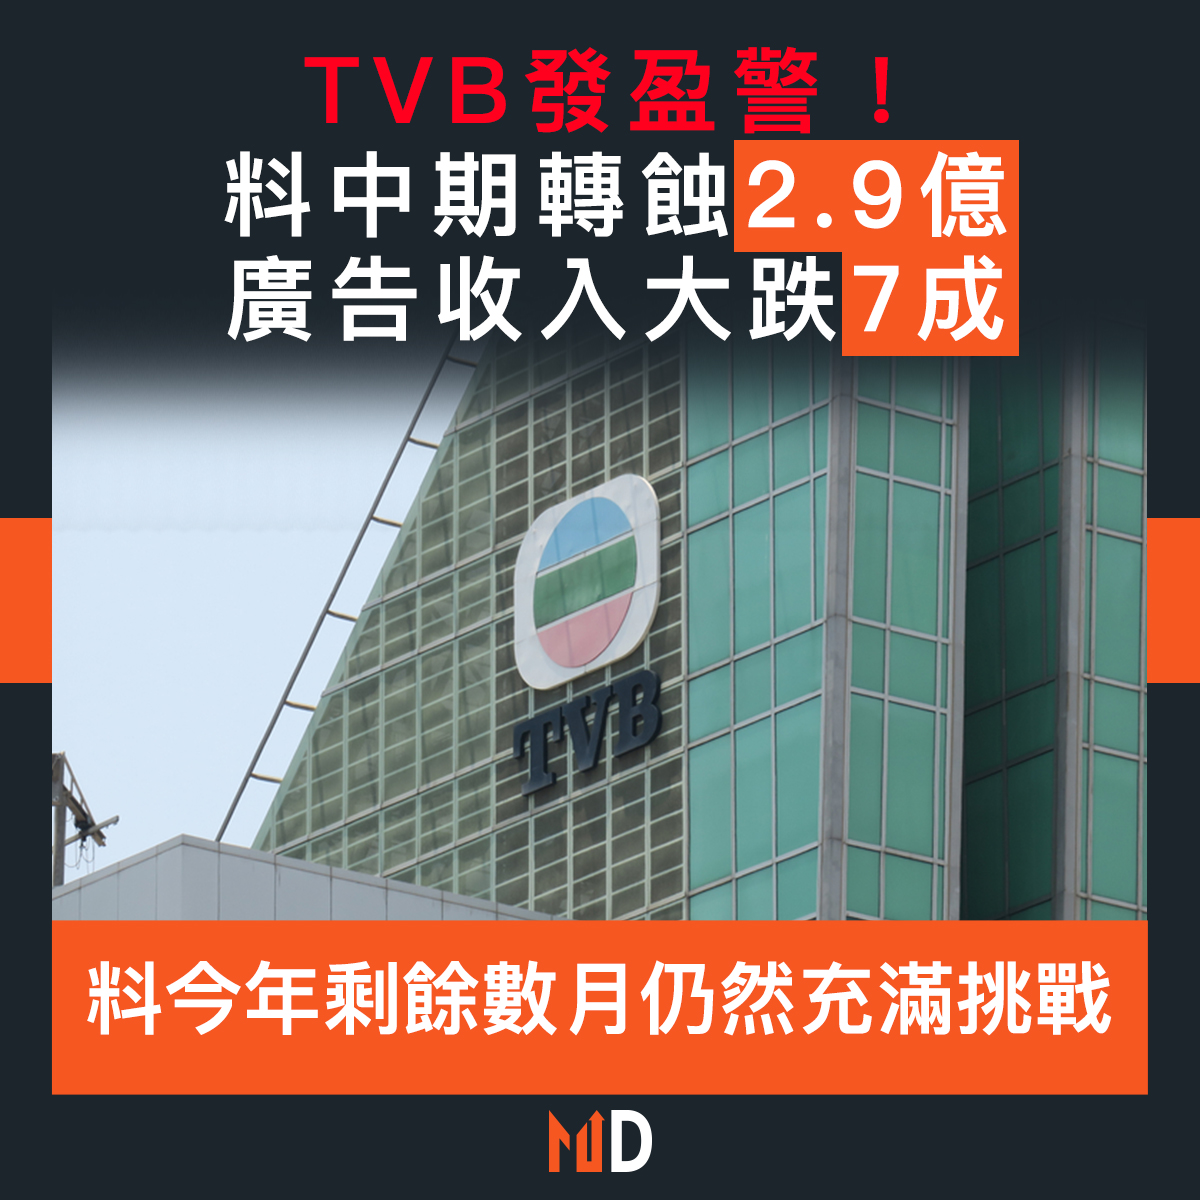 【市場熱話】TVB發盈警!料中期轉蝕2.9億,廣告收入大跌7成